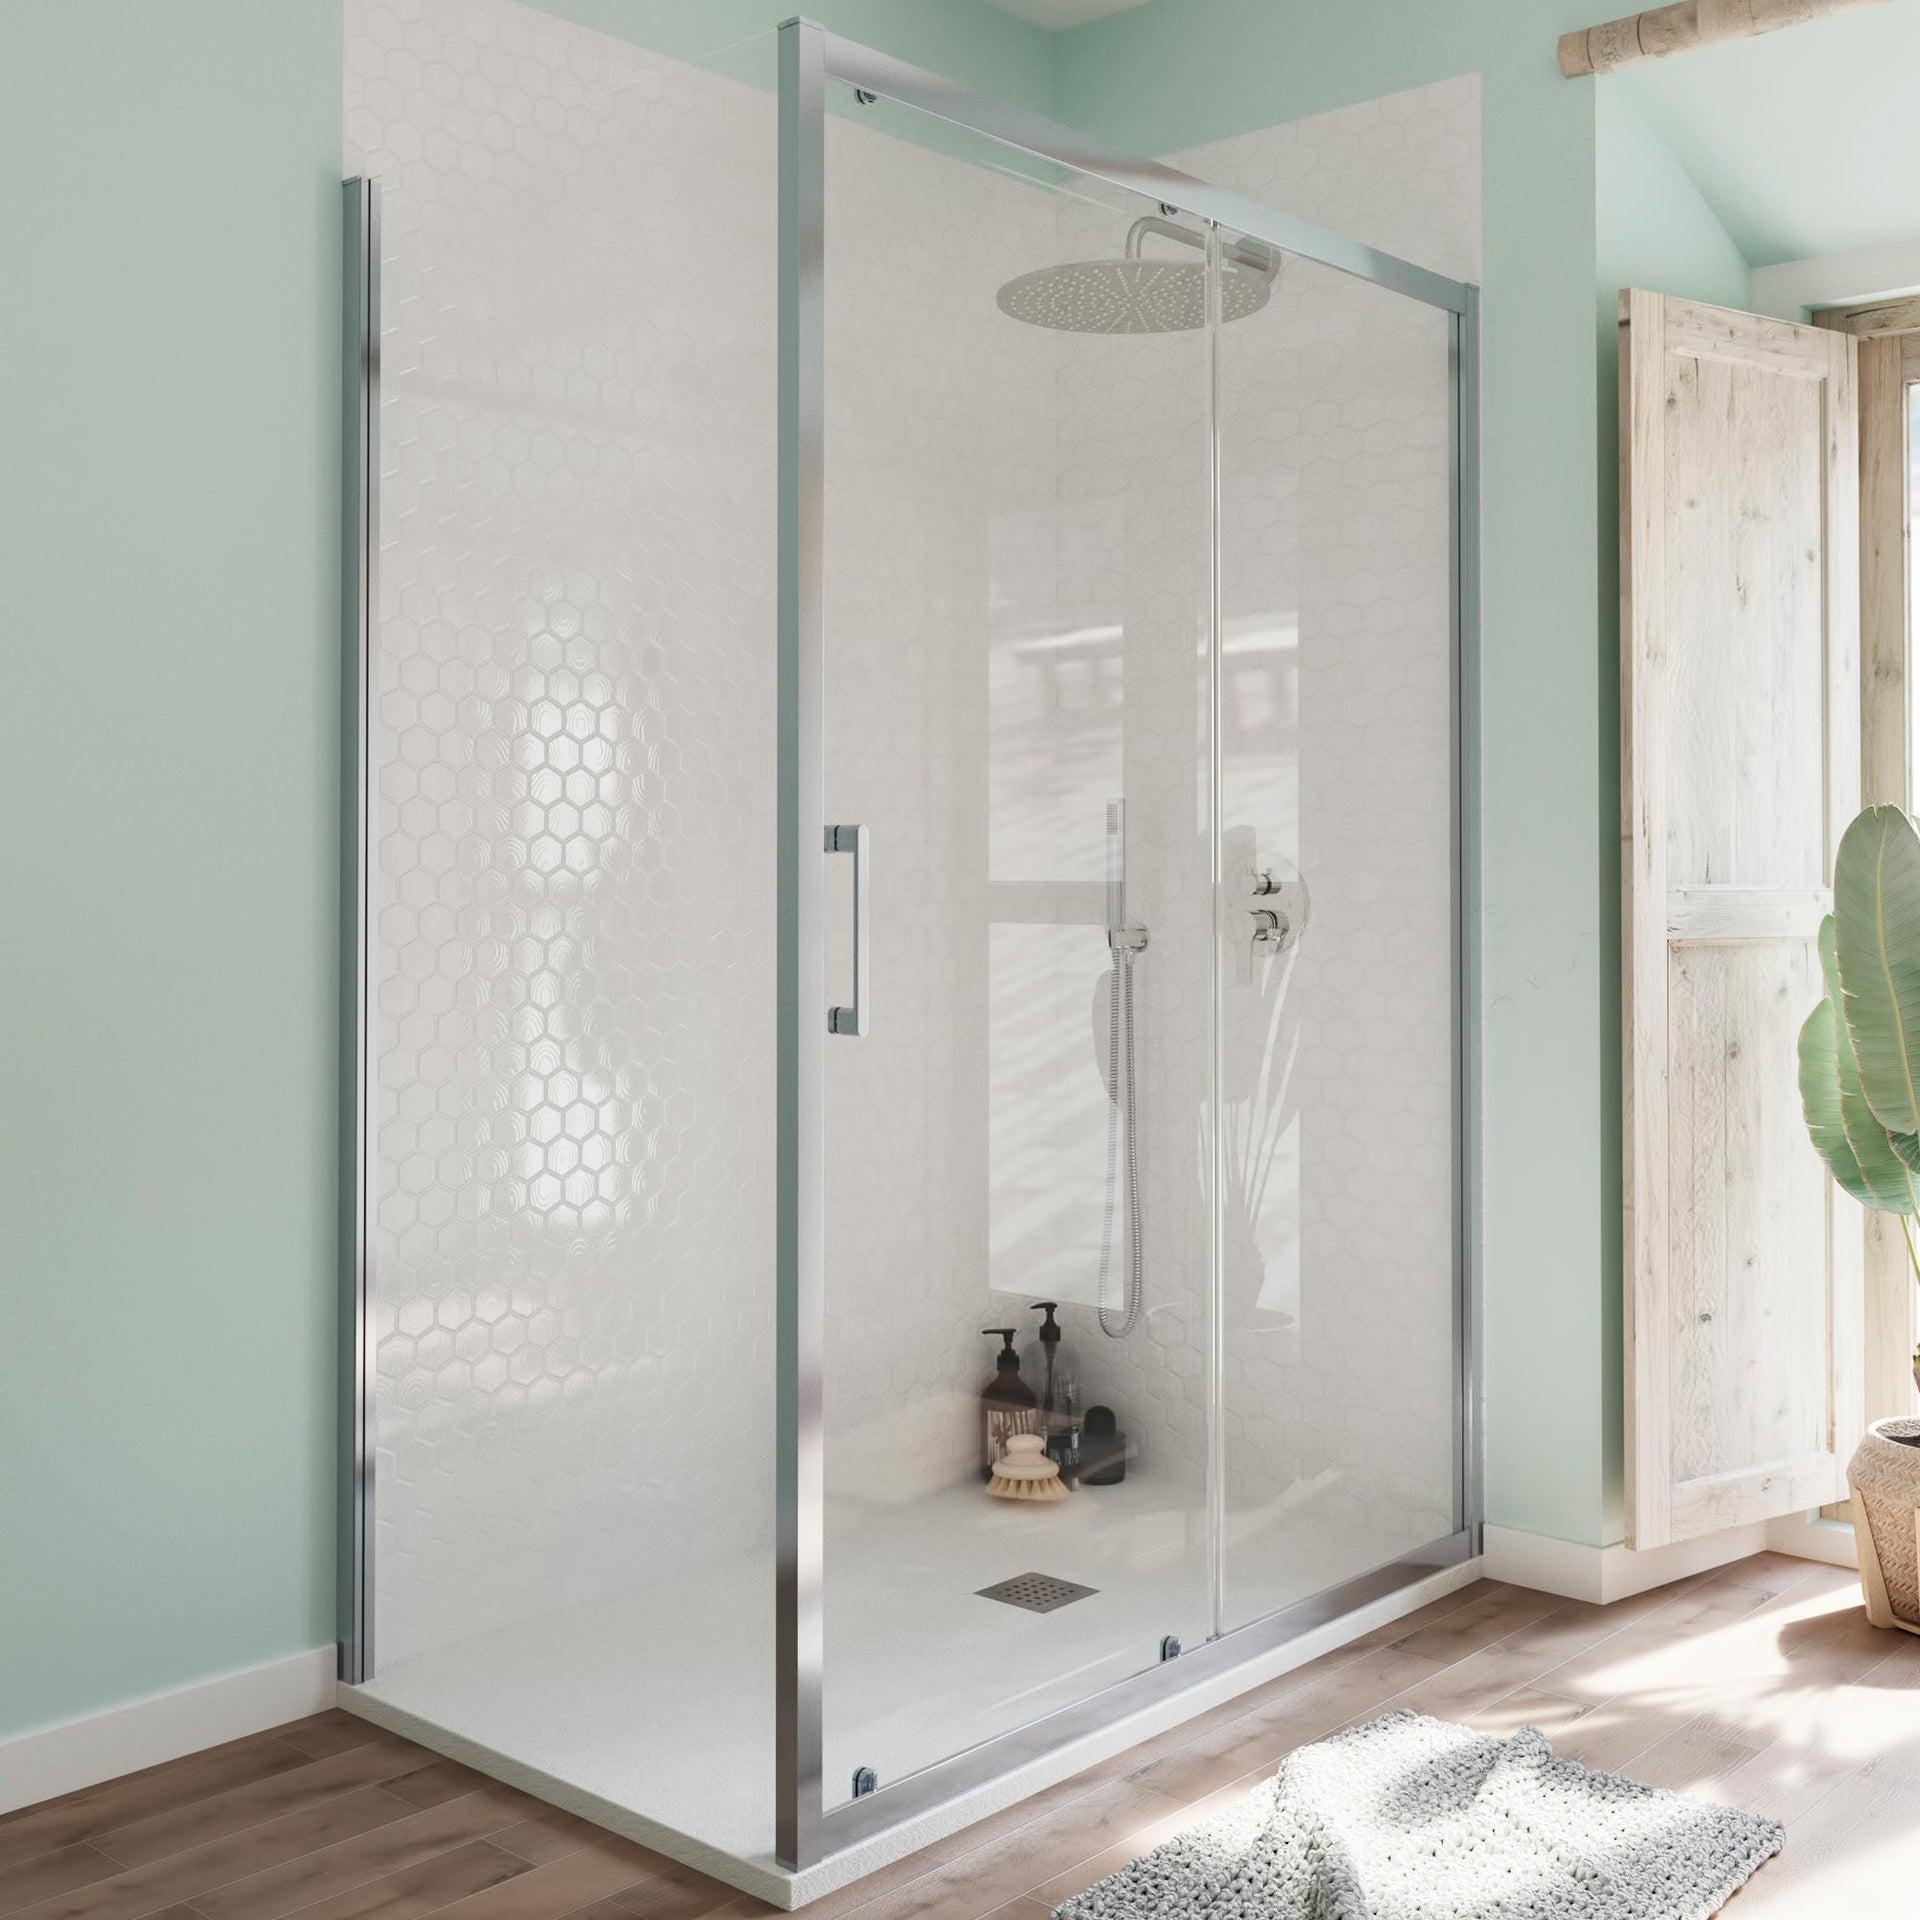 Box doccia angolare porta scorrevole e lato fisso rettangolare Bilbao 140 x 80 cm, H 190 cm in vetro temprato, spessore 6 mm trasparente cromato